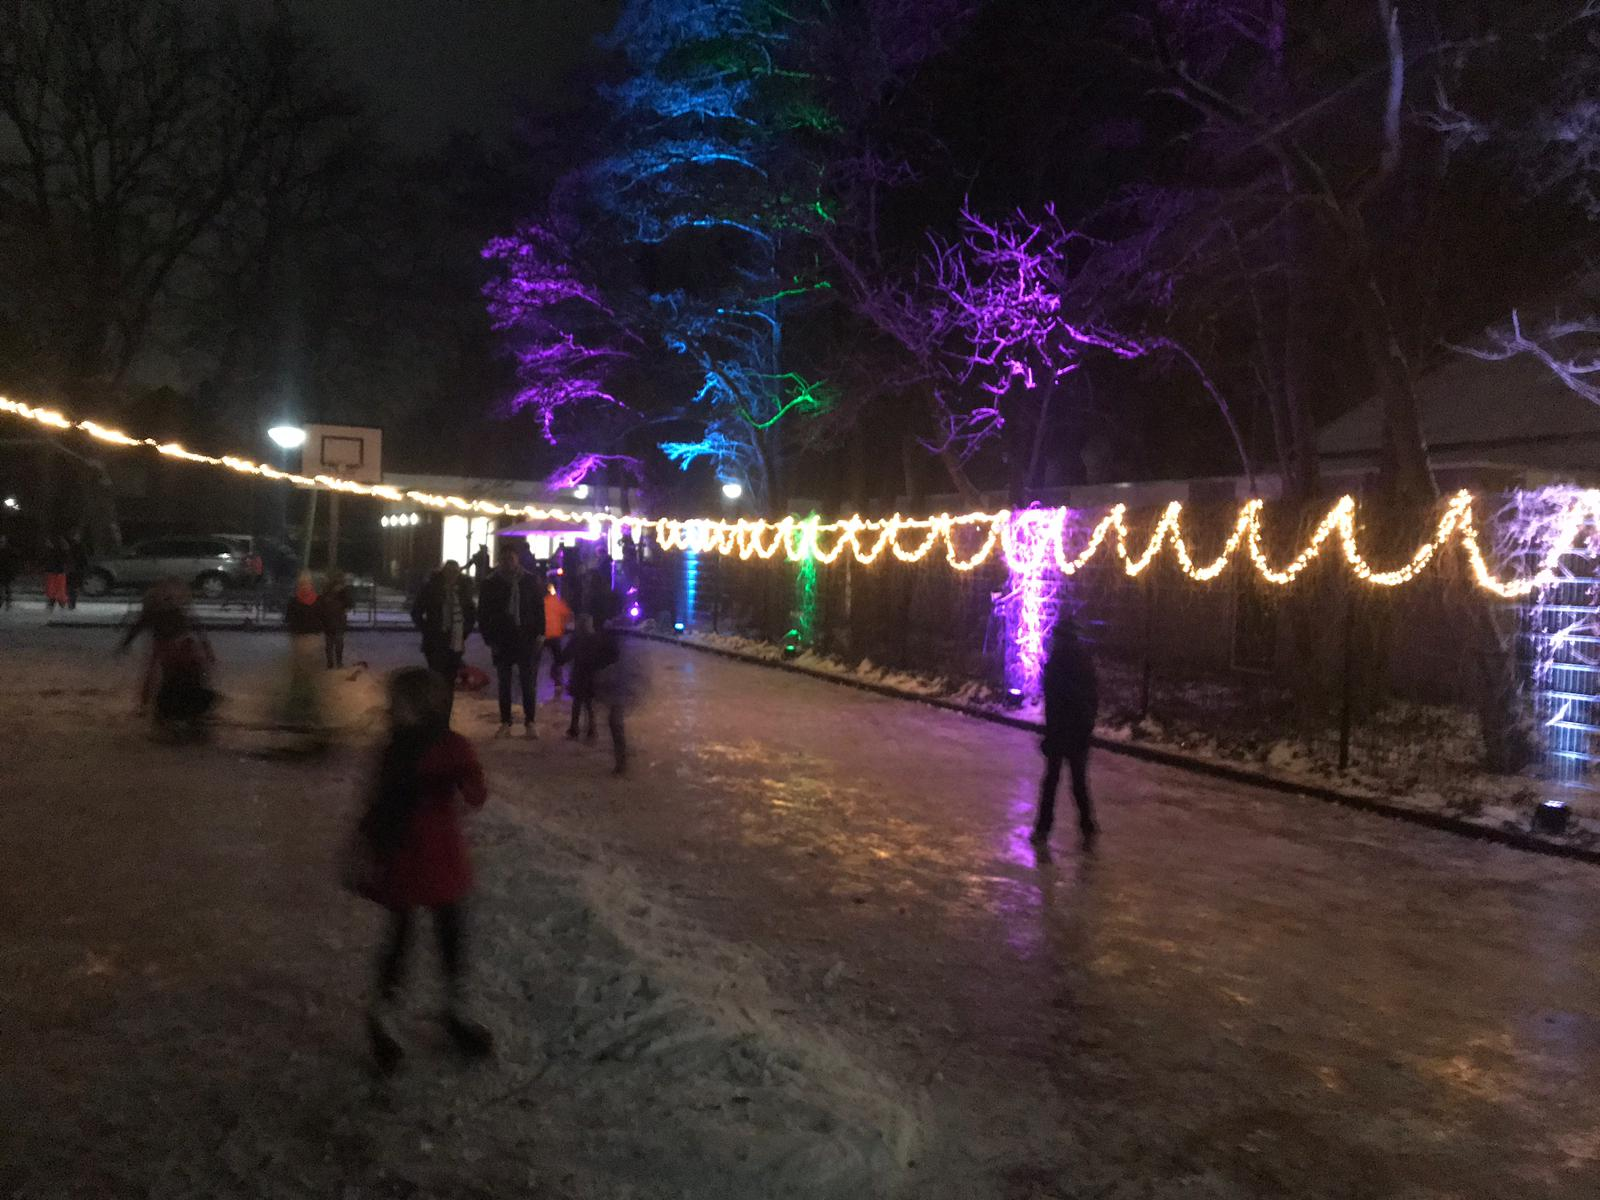 IJspret op de feestelijk verlichte ijsbaan